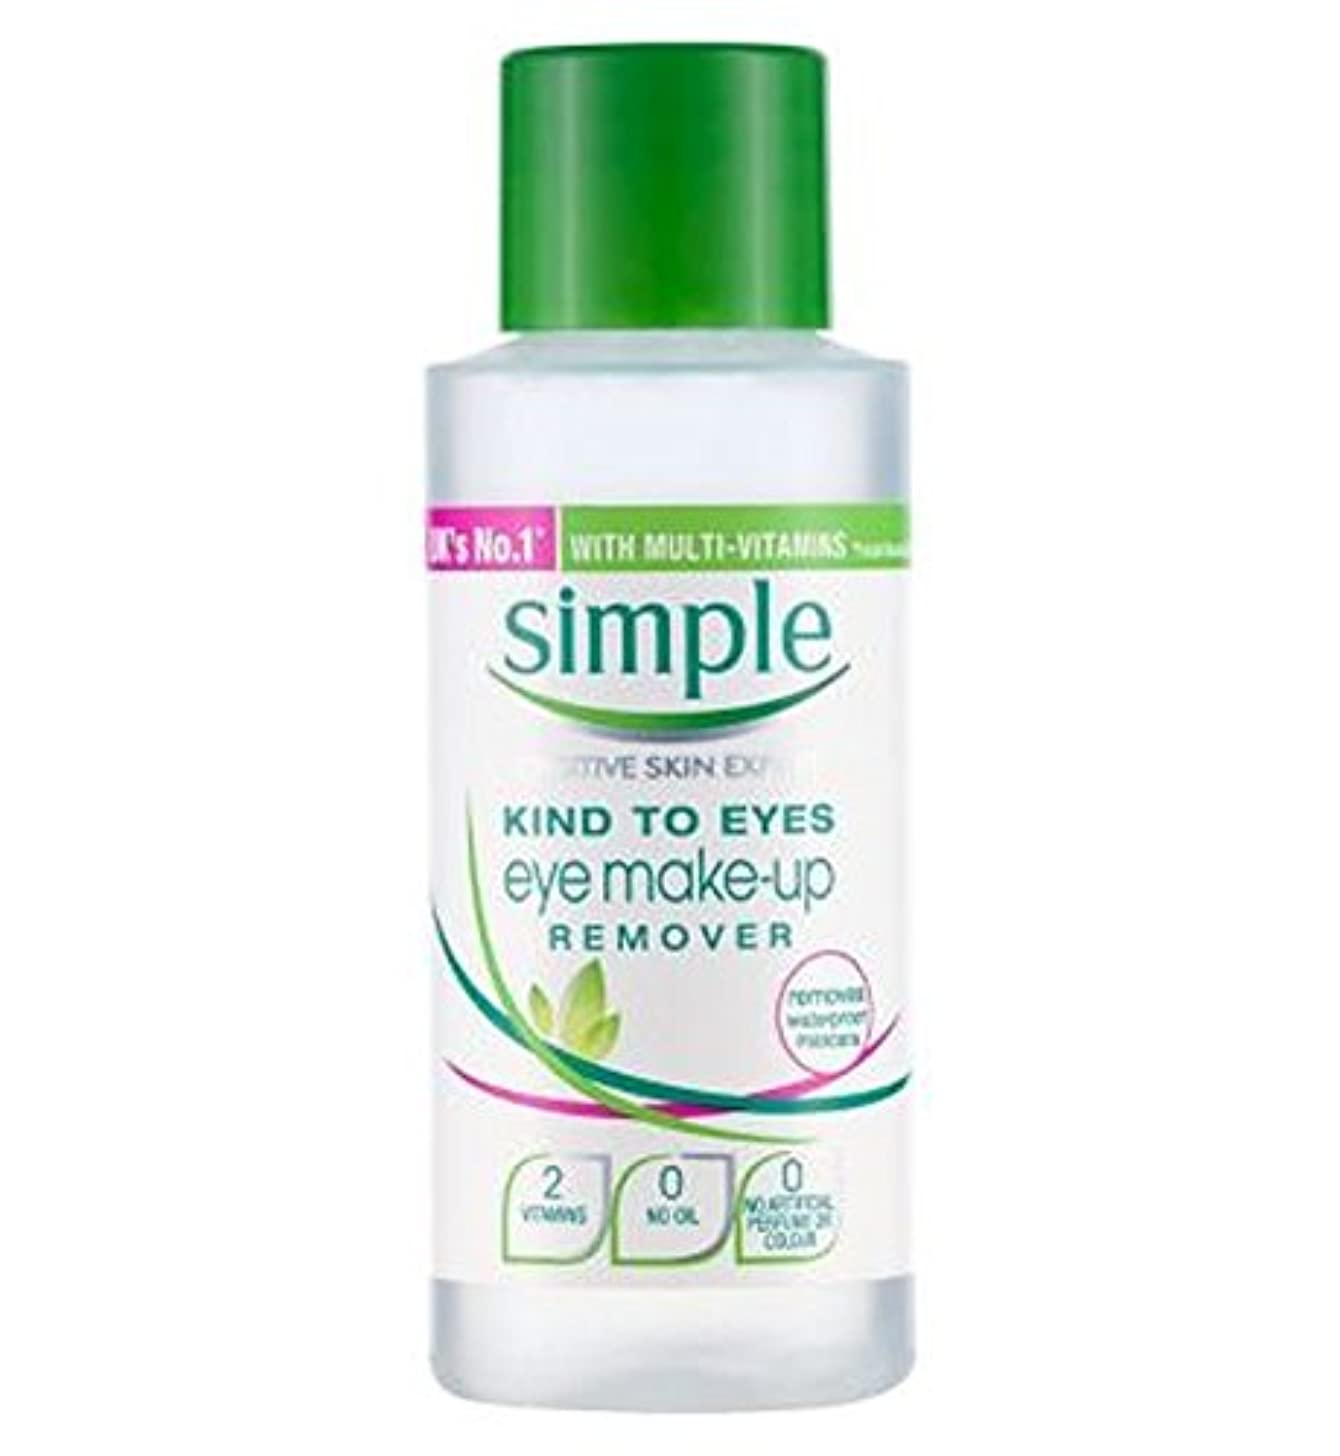 下着でも海洋Simple Kind to Eyes Eye Make-Up Remover 50ml - 目のアイメイクアップリムーバーの50ミリリットルへの単純な種類 (Simple) [並行輸入品]